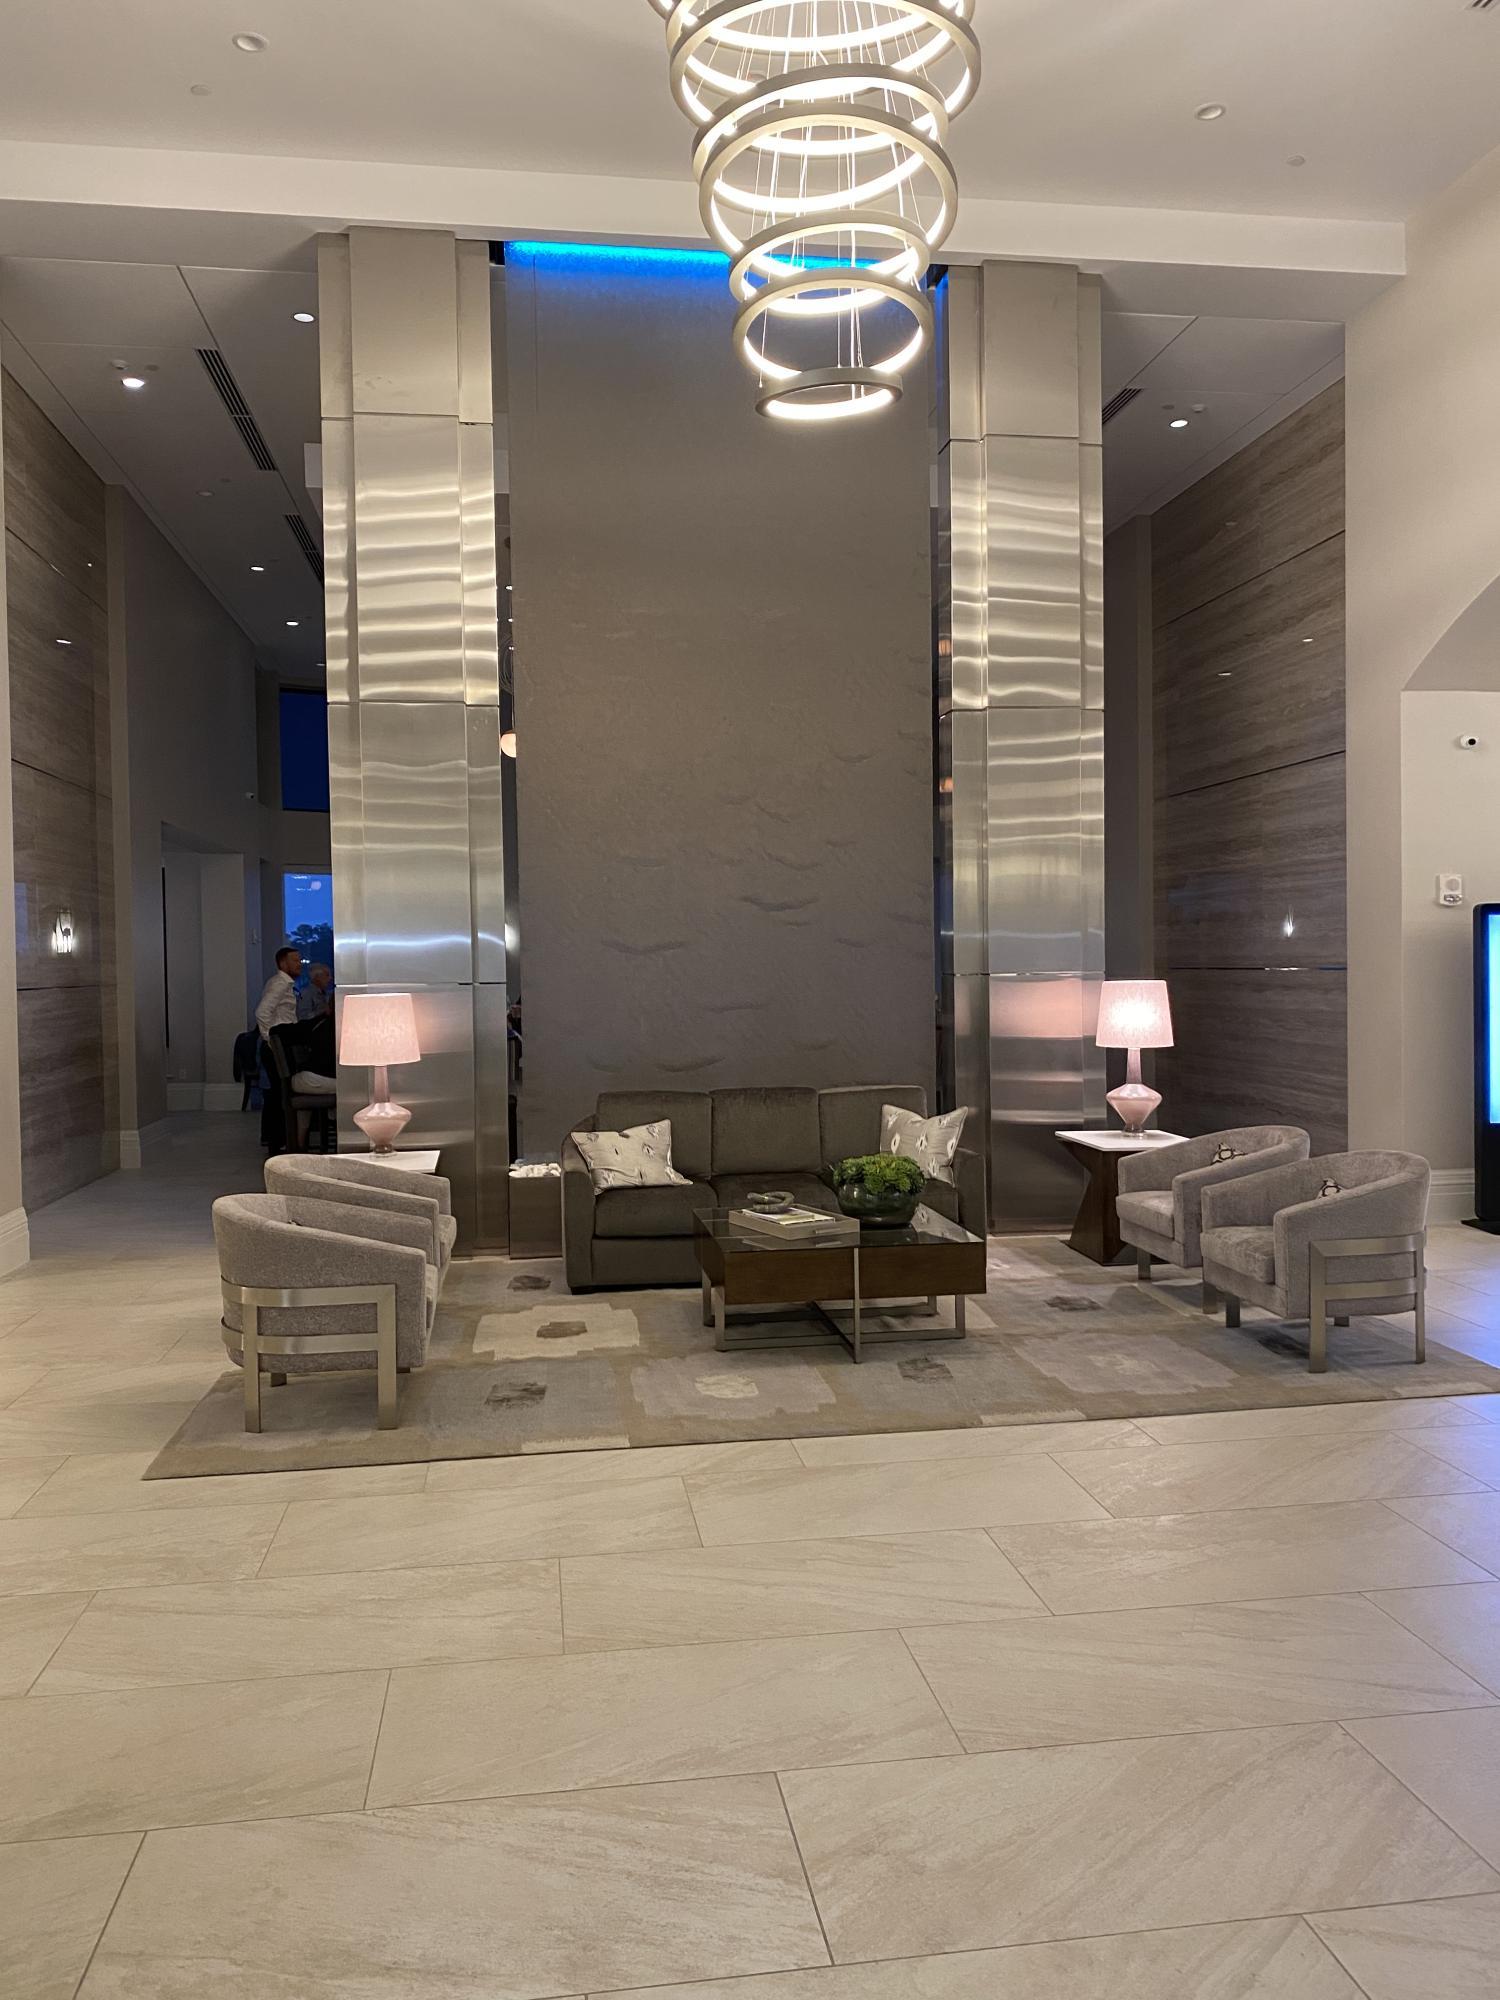 Wycliffe lobby lounge